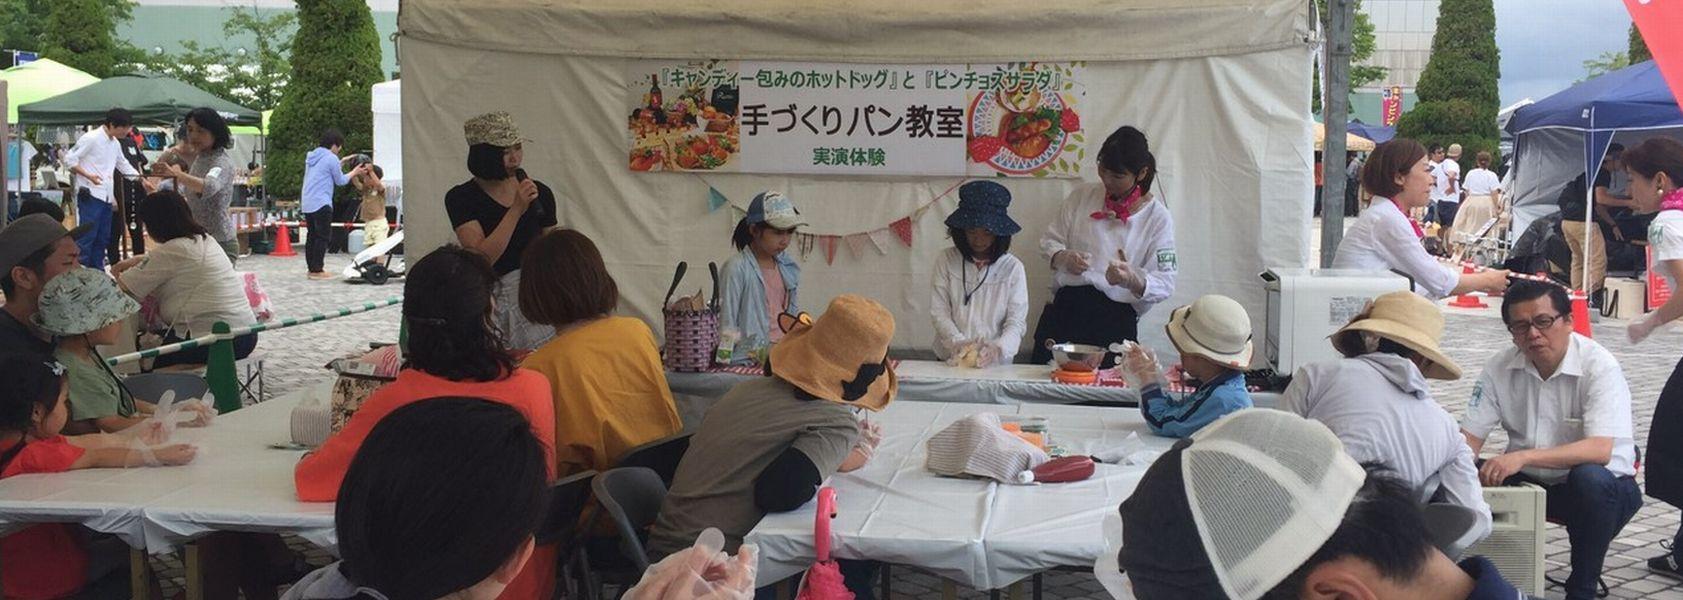 大阪の手作りパン教室、froh工房です♪